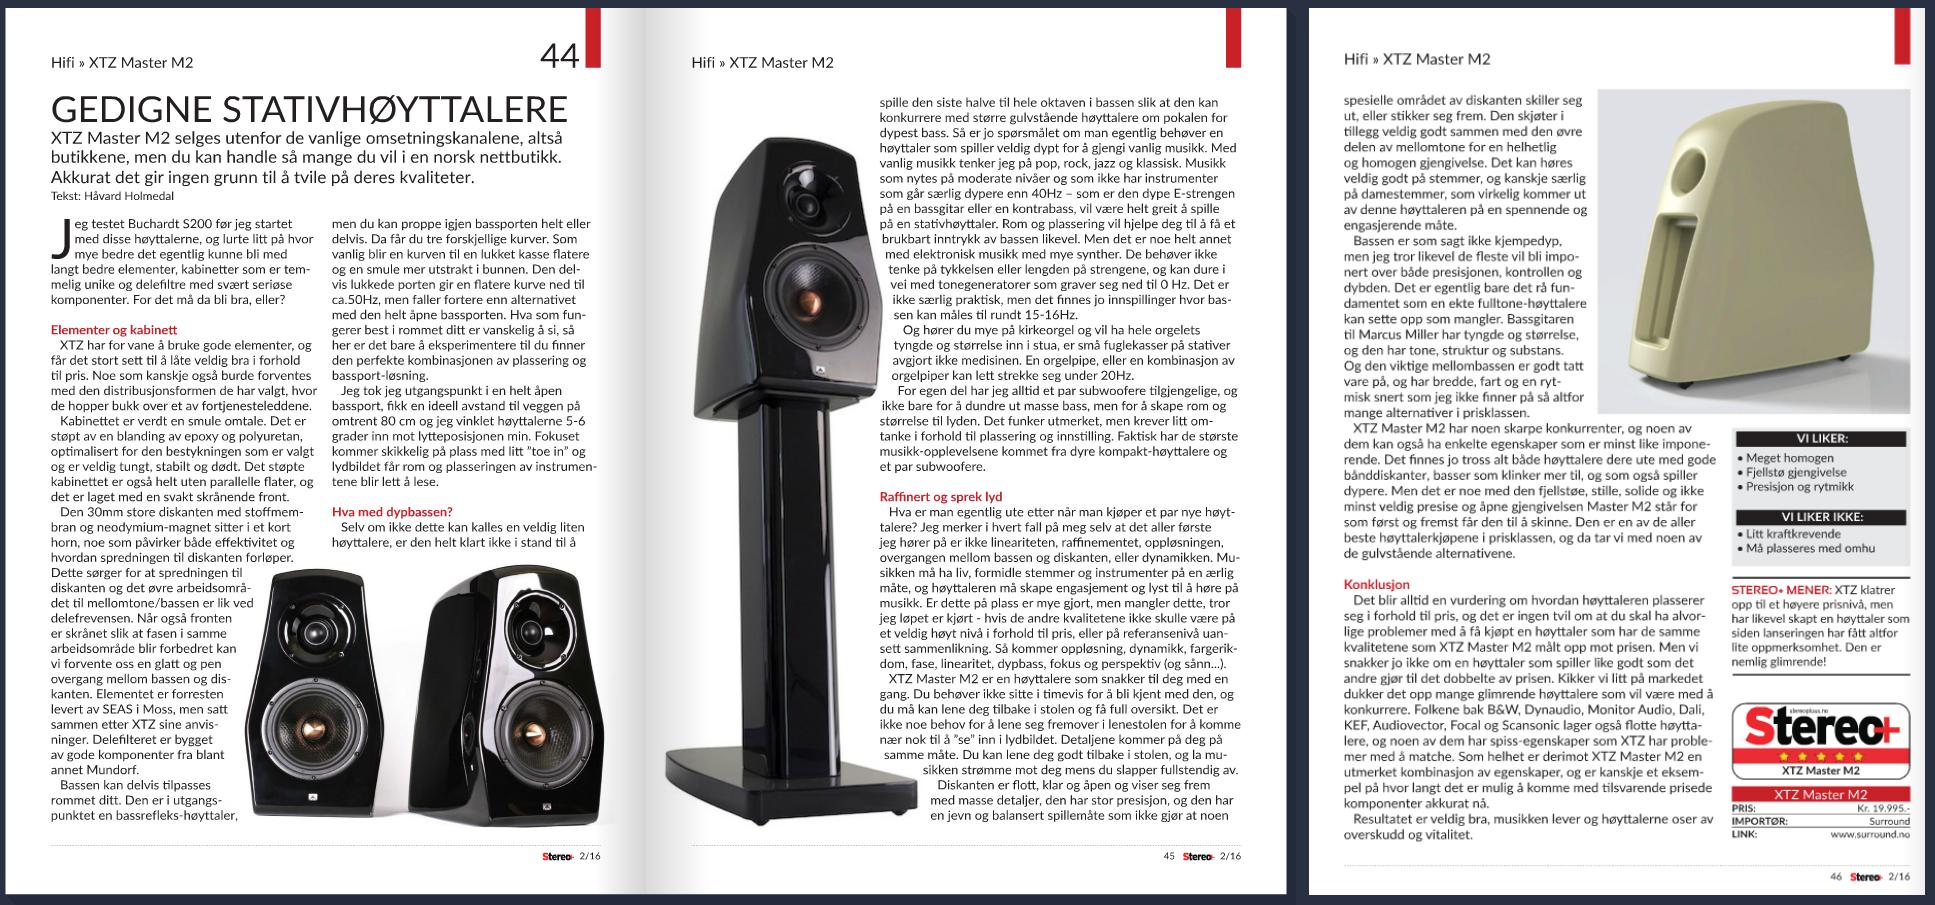 Master M2 Review - Surround/Bookshelf Speakers